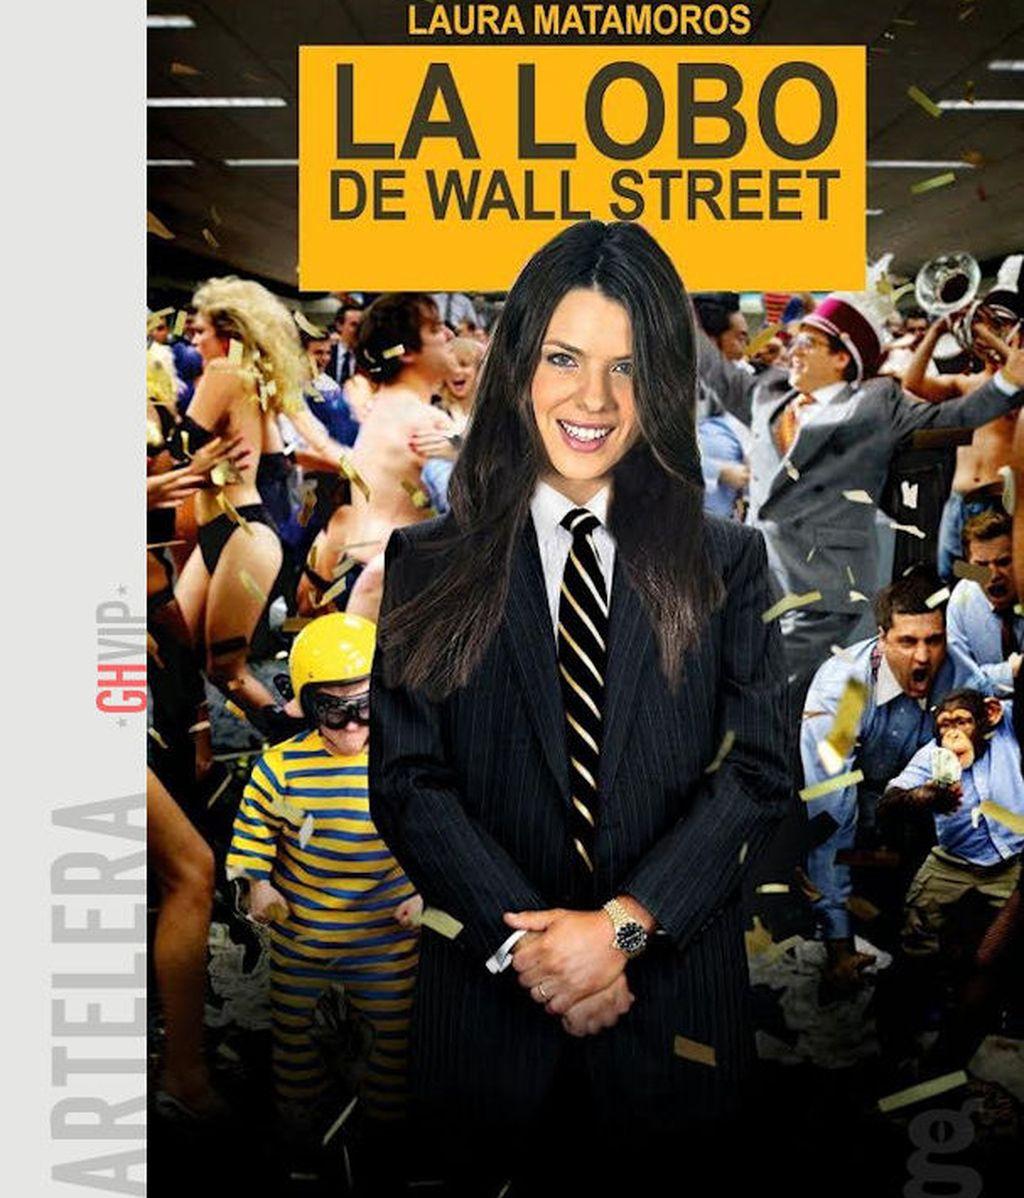 Cartelera: La lobo de Wall Street